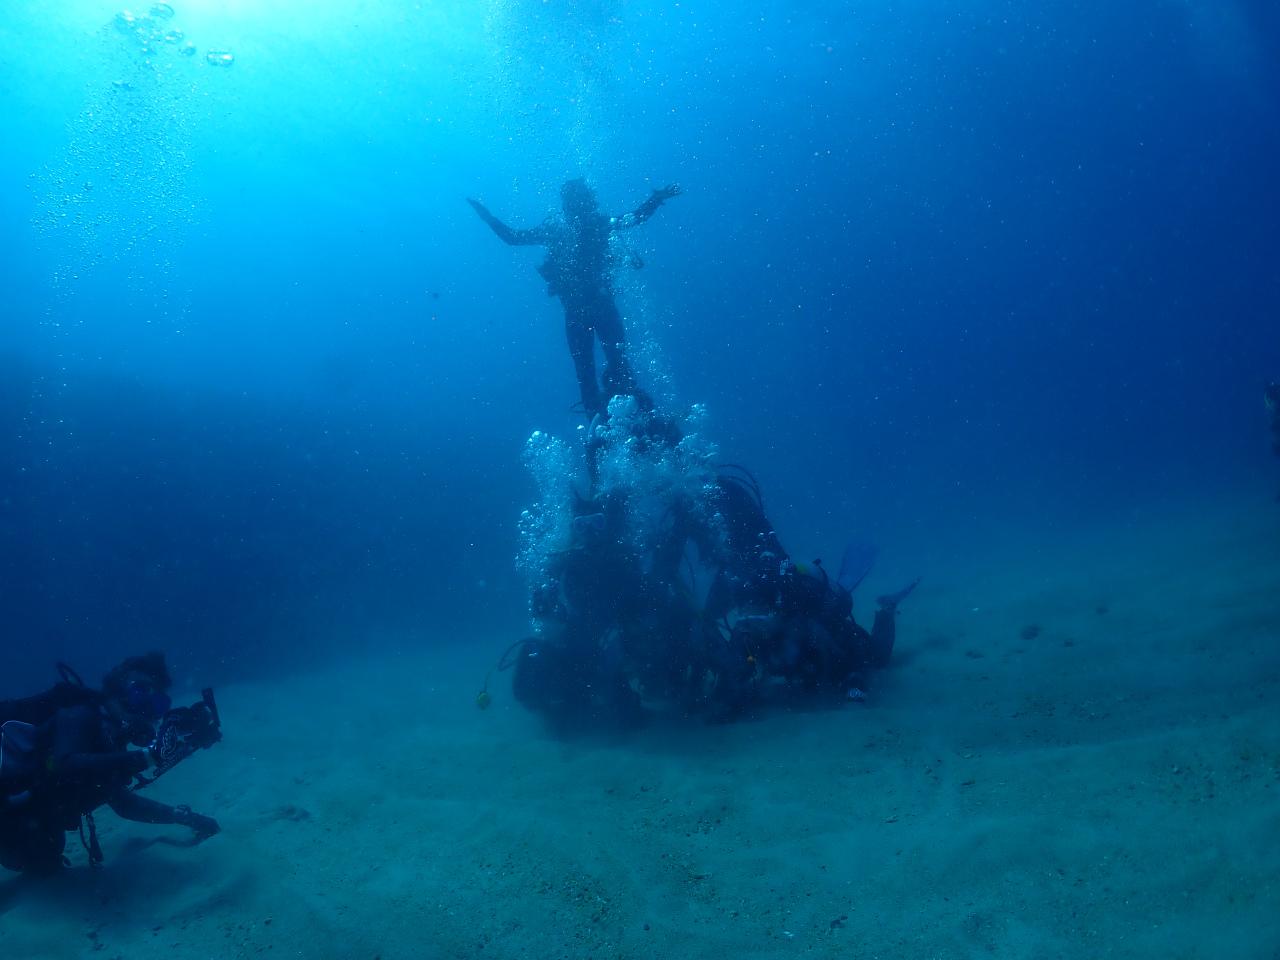 水中ピラミッド 武富チーム